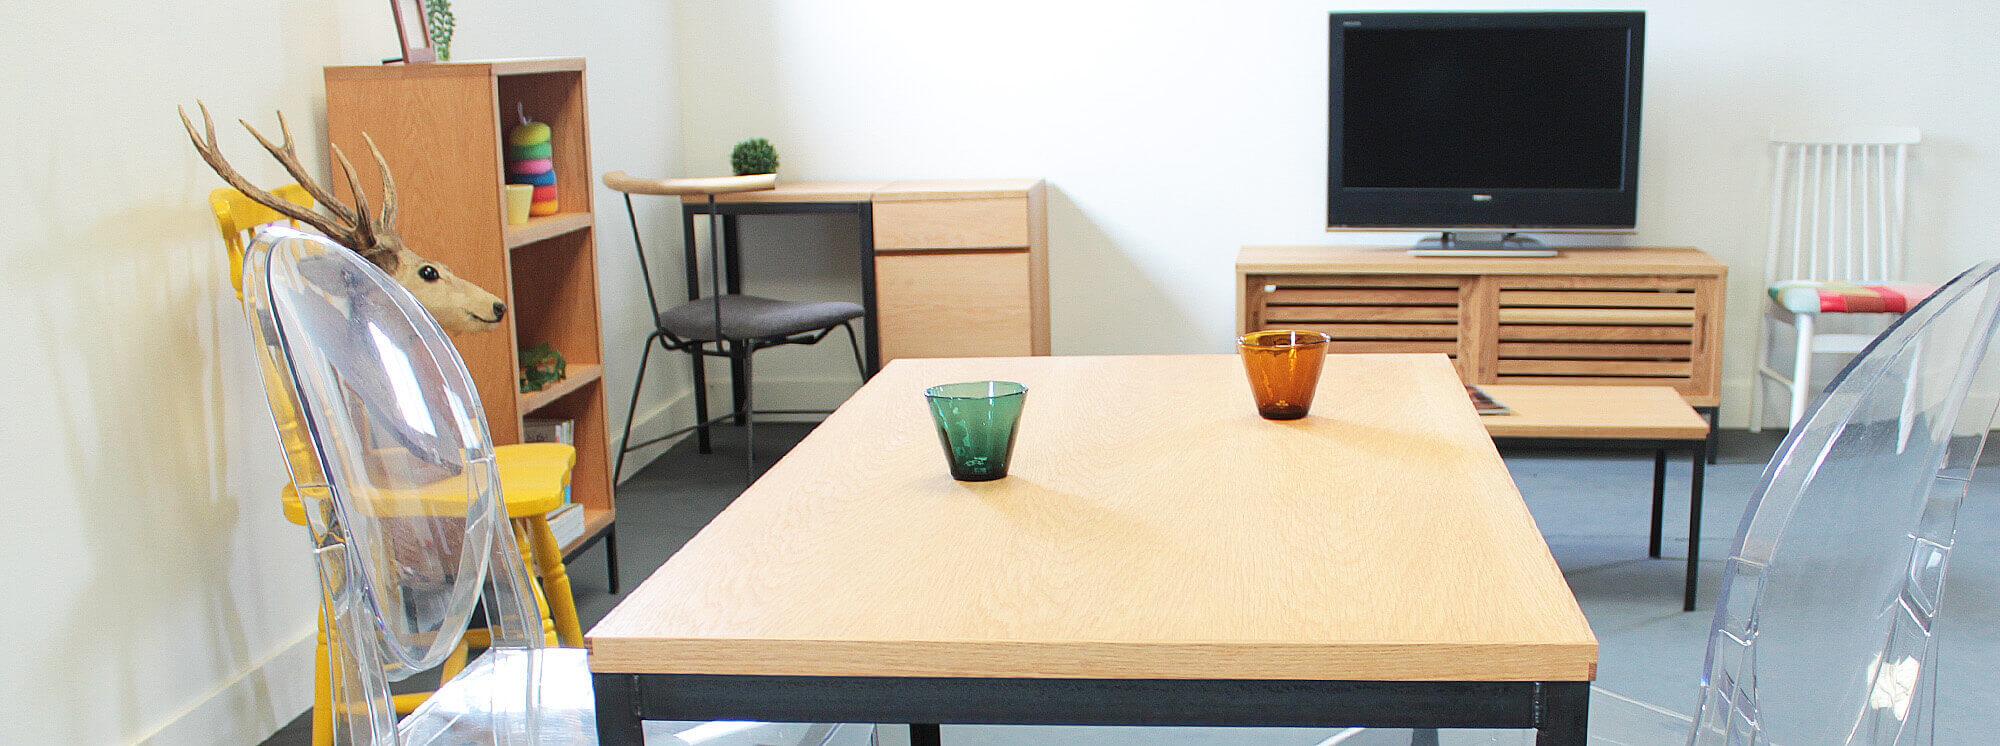 オーダーメイド&リメイク&オリジナル家具の工房 ROOTS FACTORY(ルーツファクトリー)東京・大阪